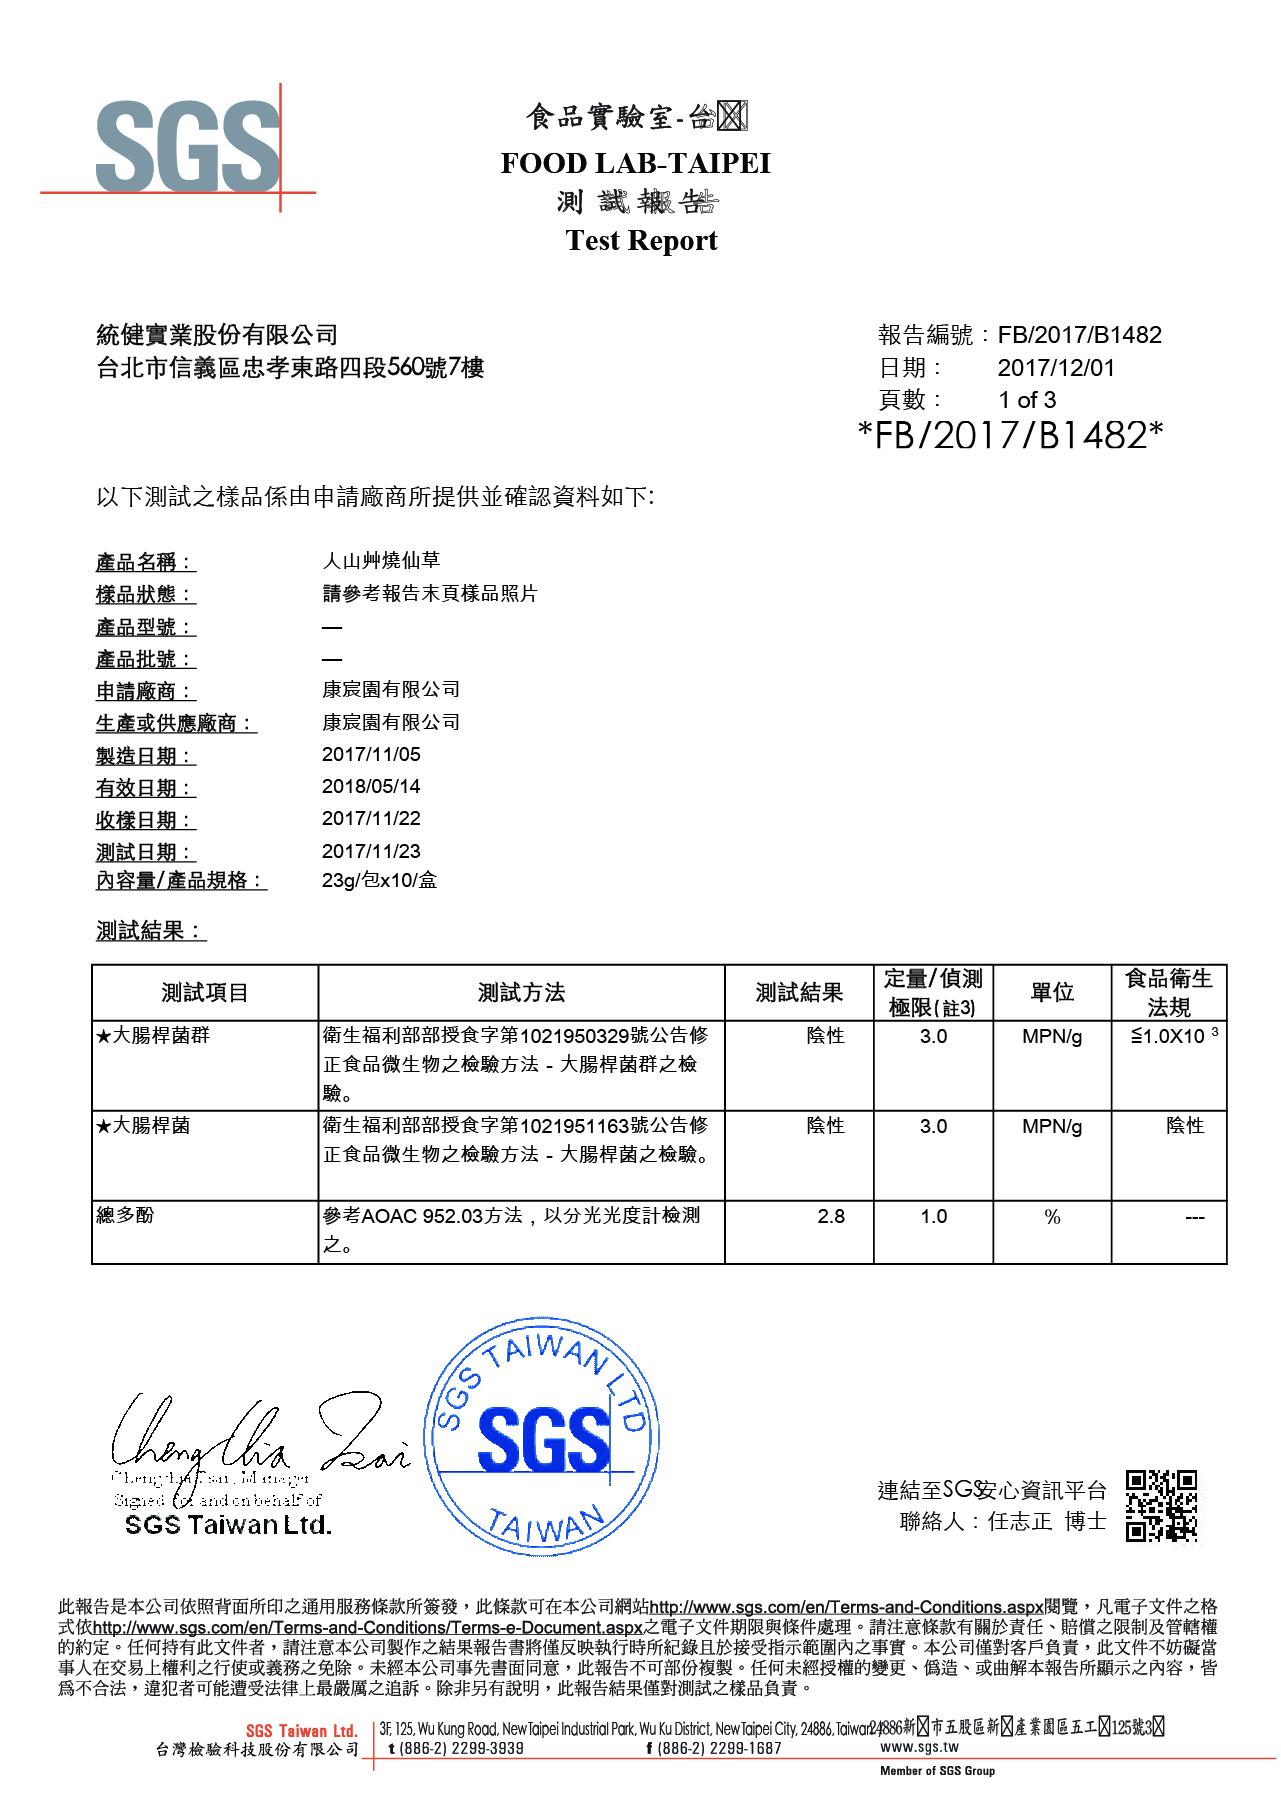 燒仙草/凍 生菌檢驗